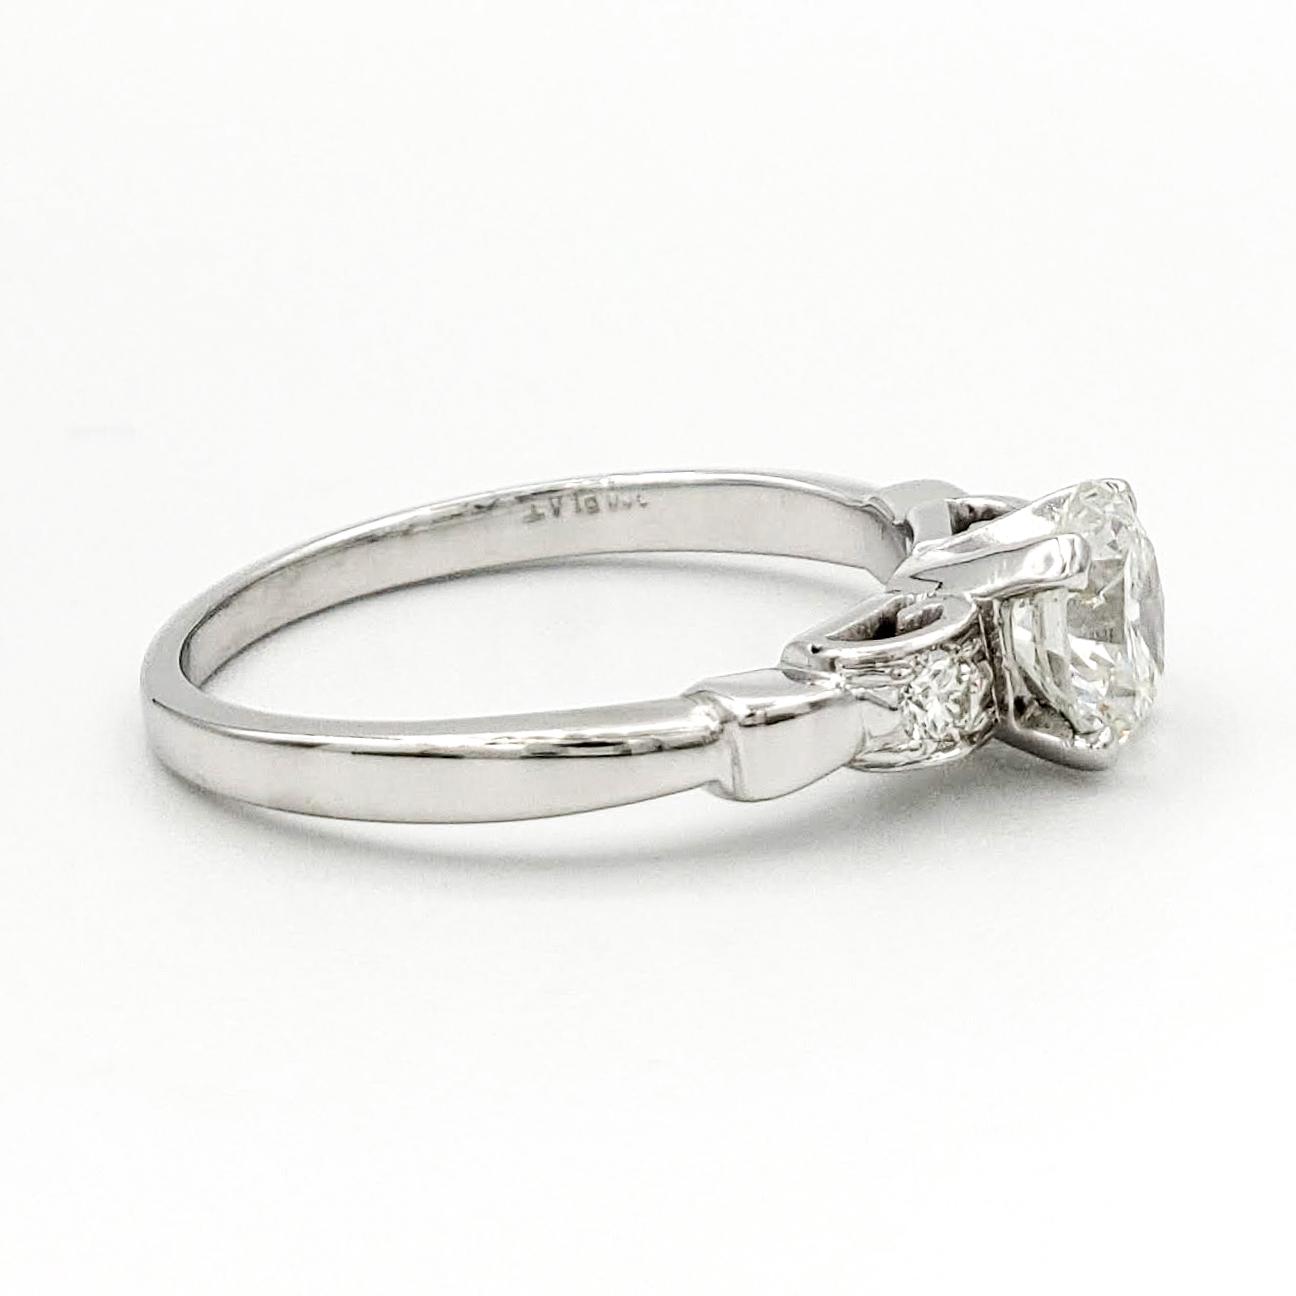 vintage-platinum-engagement-ring-with-0-63-carat-round-brilliant-cut-diamond-egl-h-si1